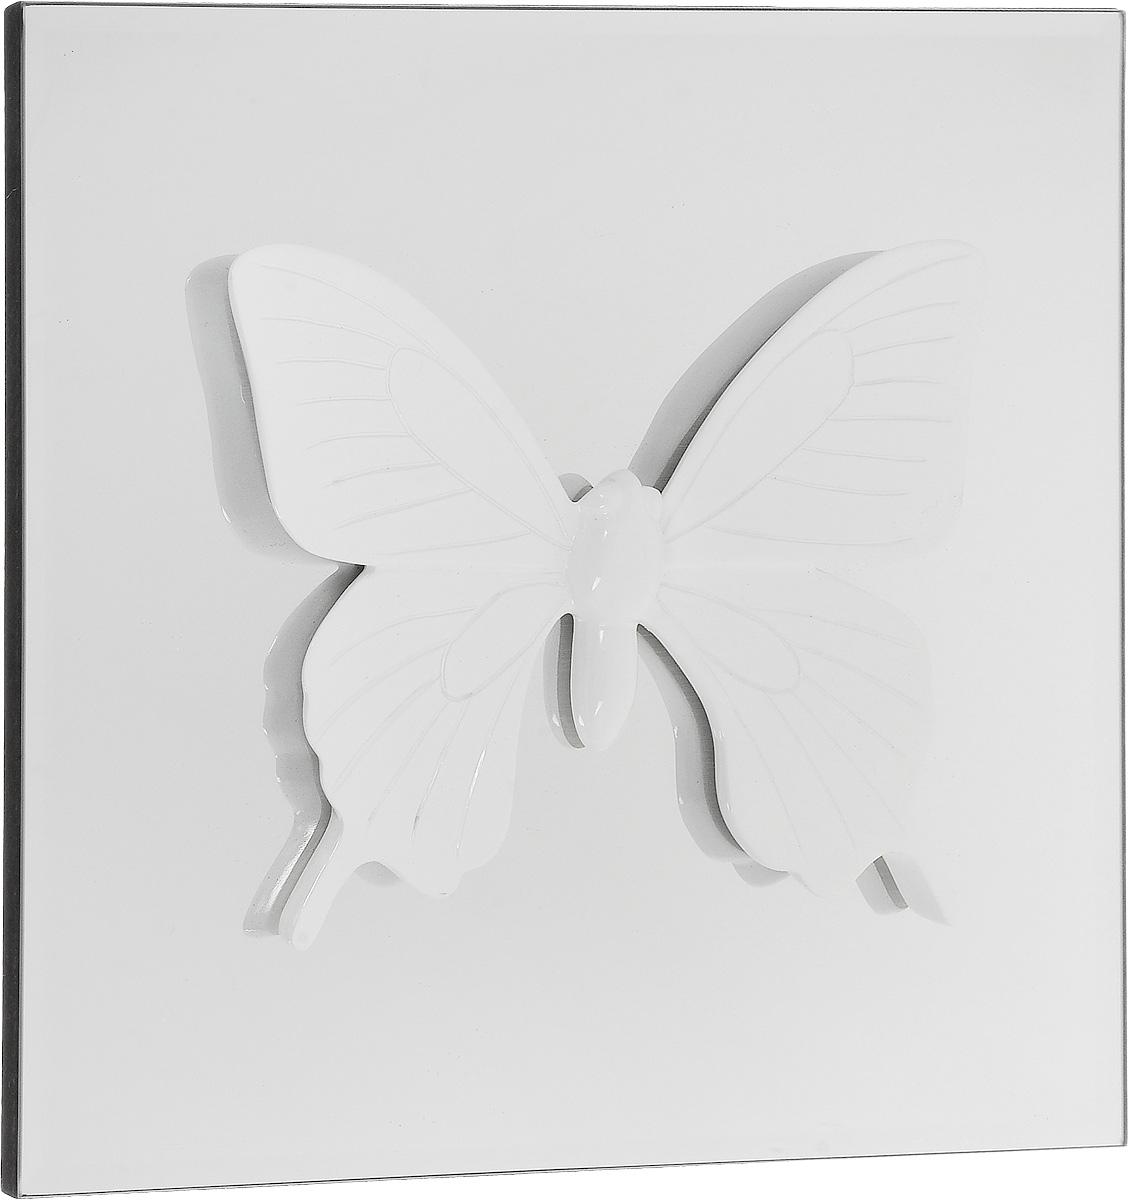 """Настенное украшение Феникс-Презент """"Бабочка""""  изготовлено из основы МДФ и зеркального стекла,  декоративный элемент выполнен из полирезина в виде  бабочки. Для удобства размещения изделие оснащено  металлической петелькой для подвешивания.  Такое украшение не только подчеркнет ваш изысканный  вкус, но и прекрасным подарком, который обязательно  порадует получателя."""